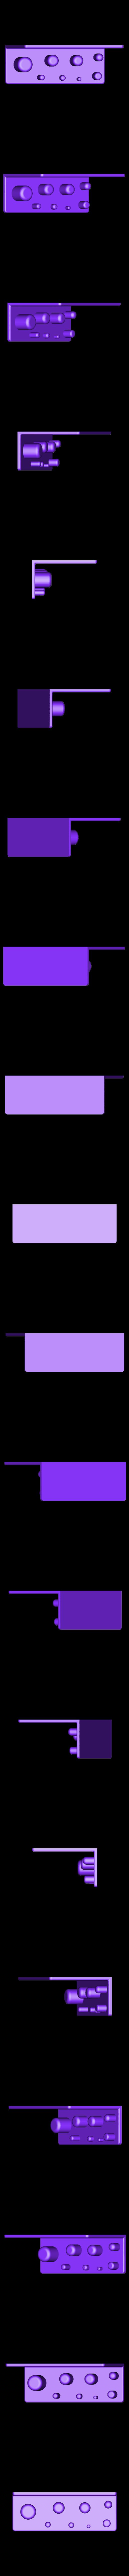 Screws.stl Télécharger fichier STL gratuit Support mural pour adaptateur électrique 8pcs 002 I pour vis ou chevilles • Objet pour imprimante 3D, Wiesemann1893